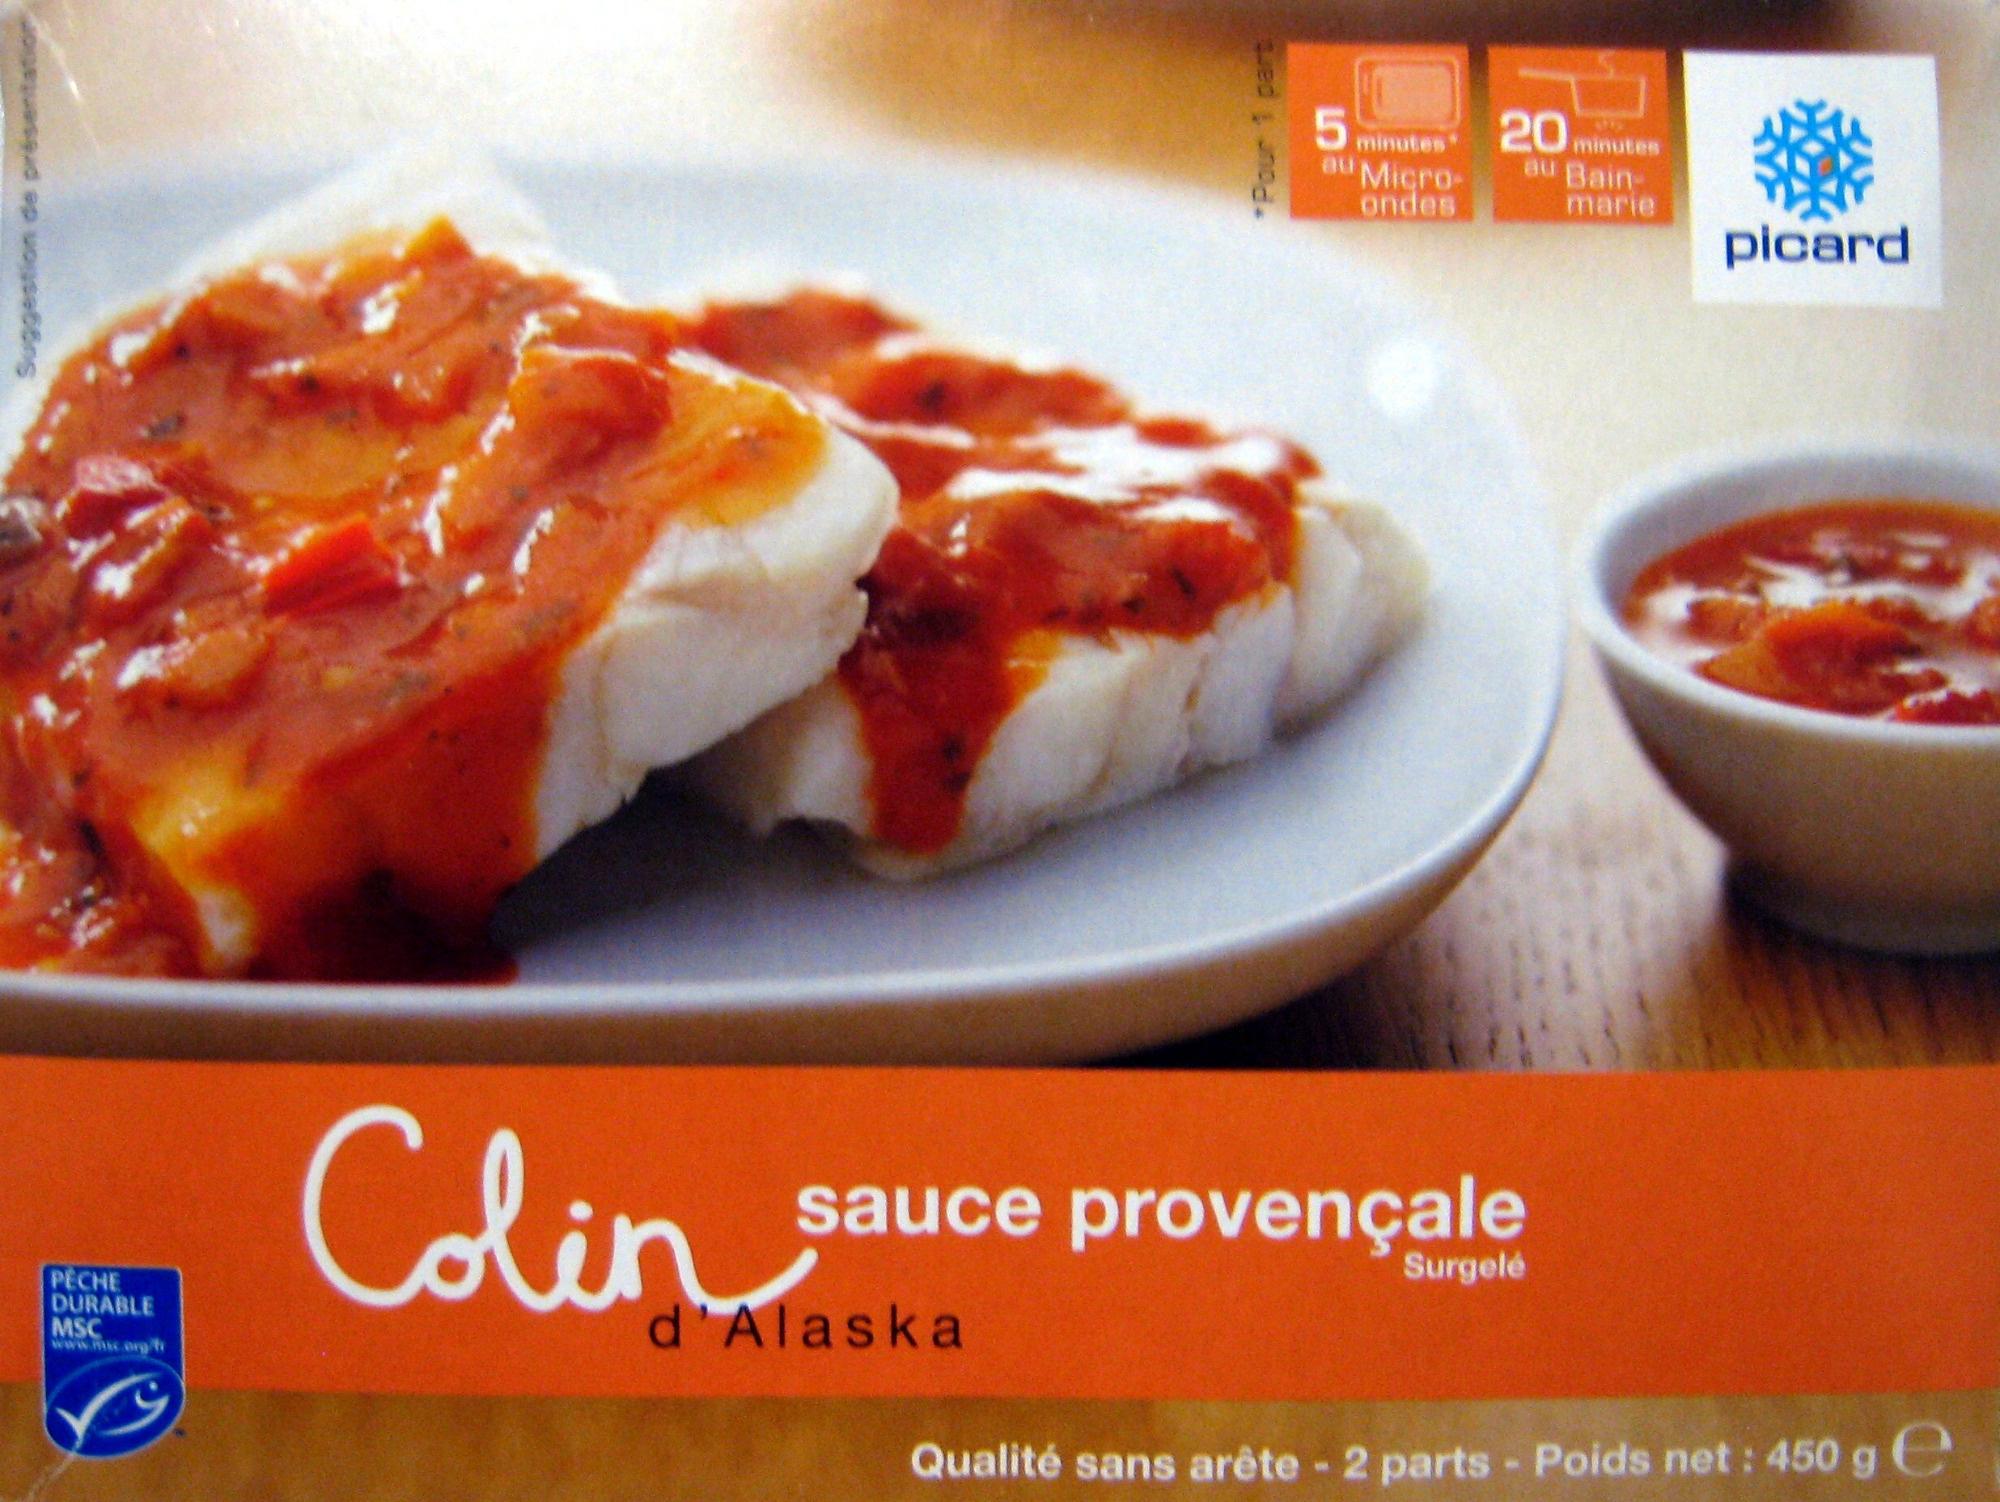 Colin d 39 alaska sauce proven ale surgel picard 450 g - Cuisiner du colin surgele ...